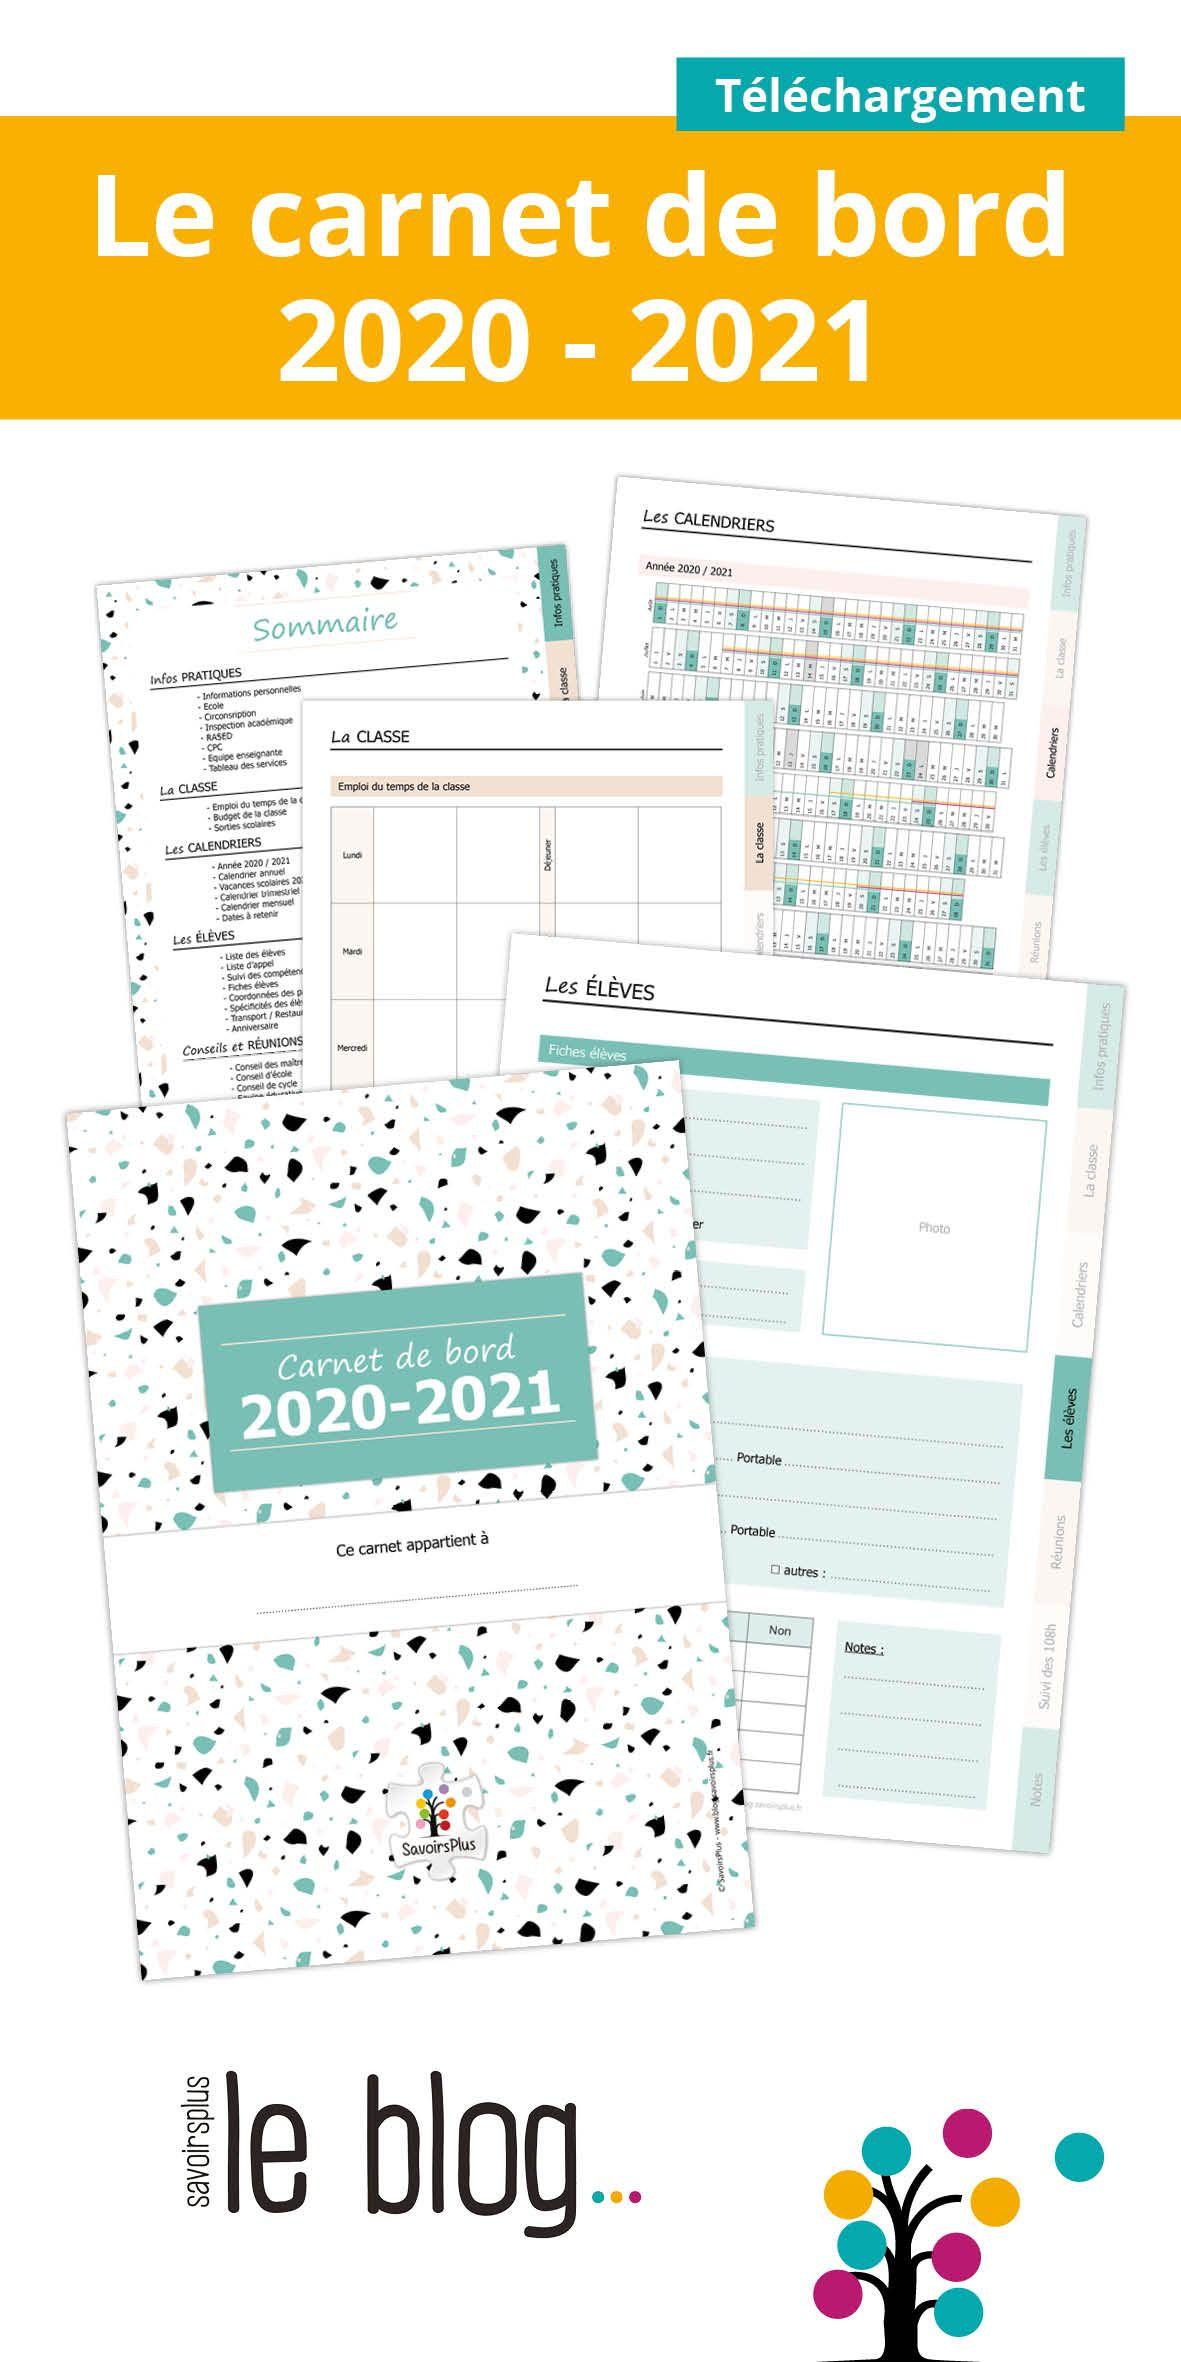 Téléchargement Carde bord de l'enseignant 2020   2021